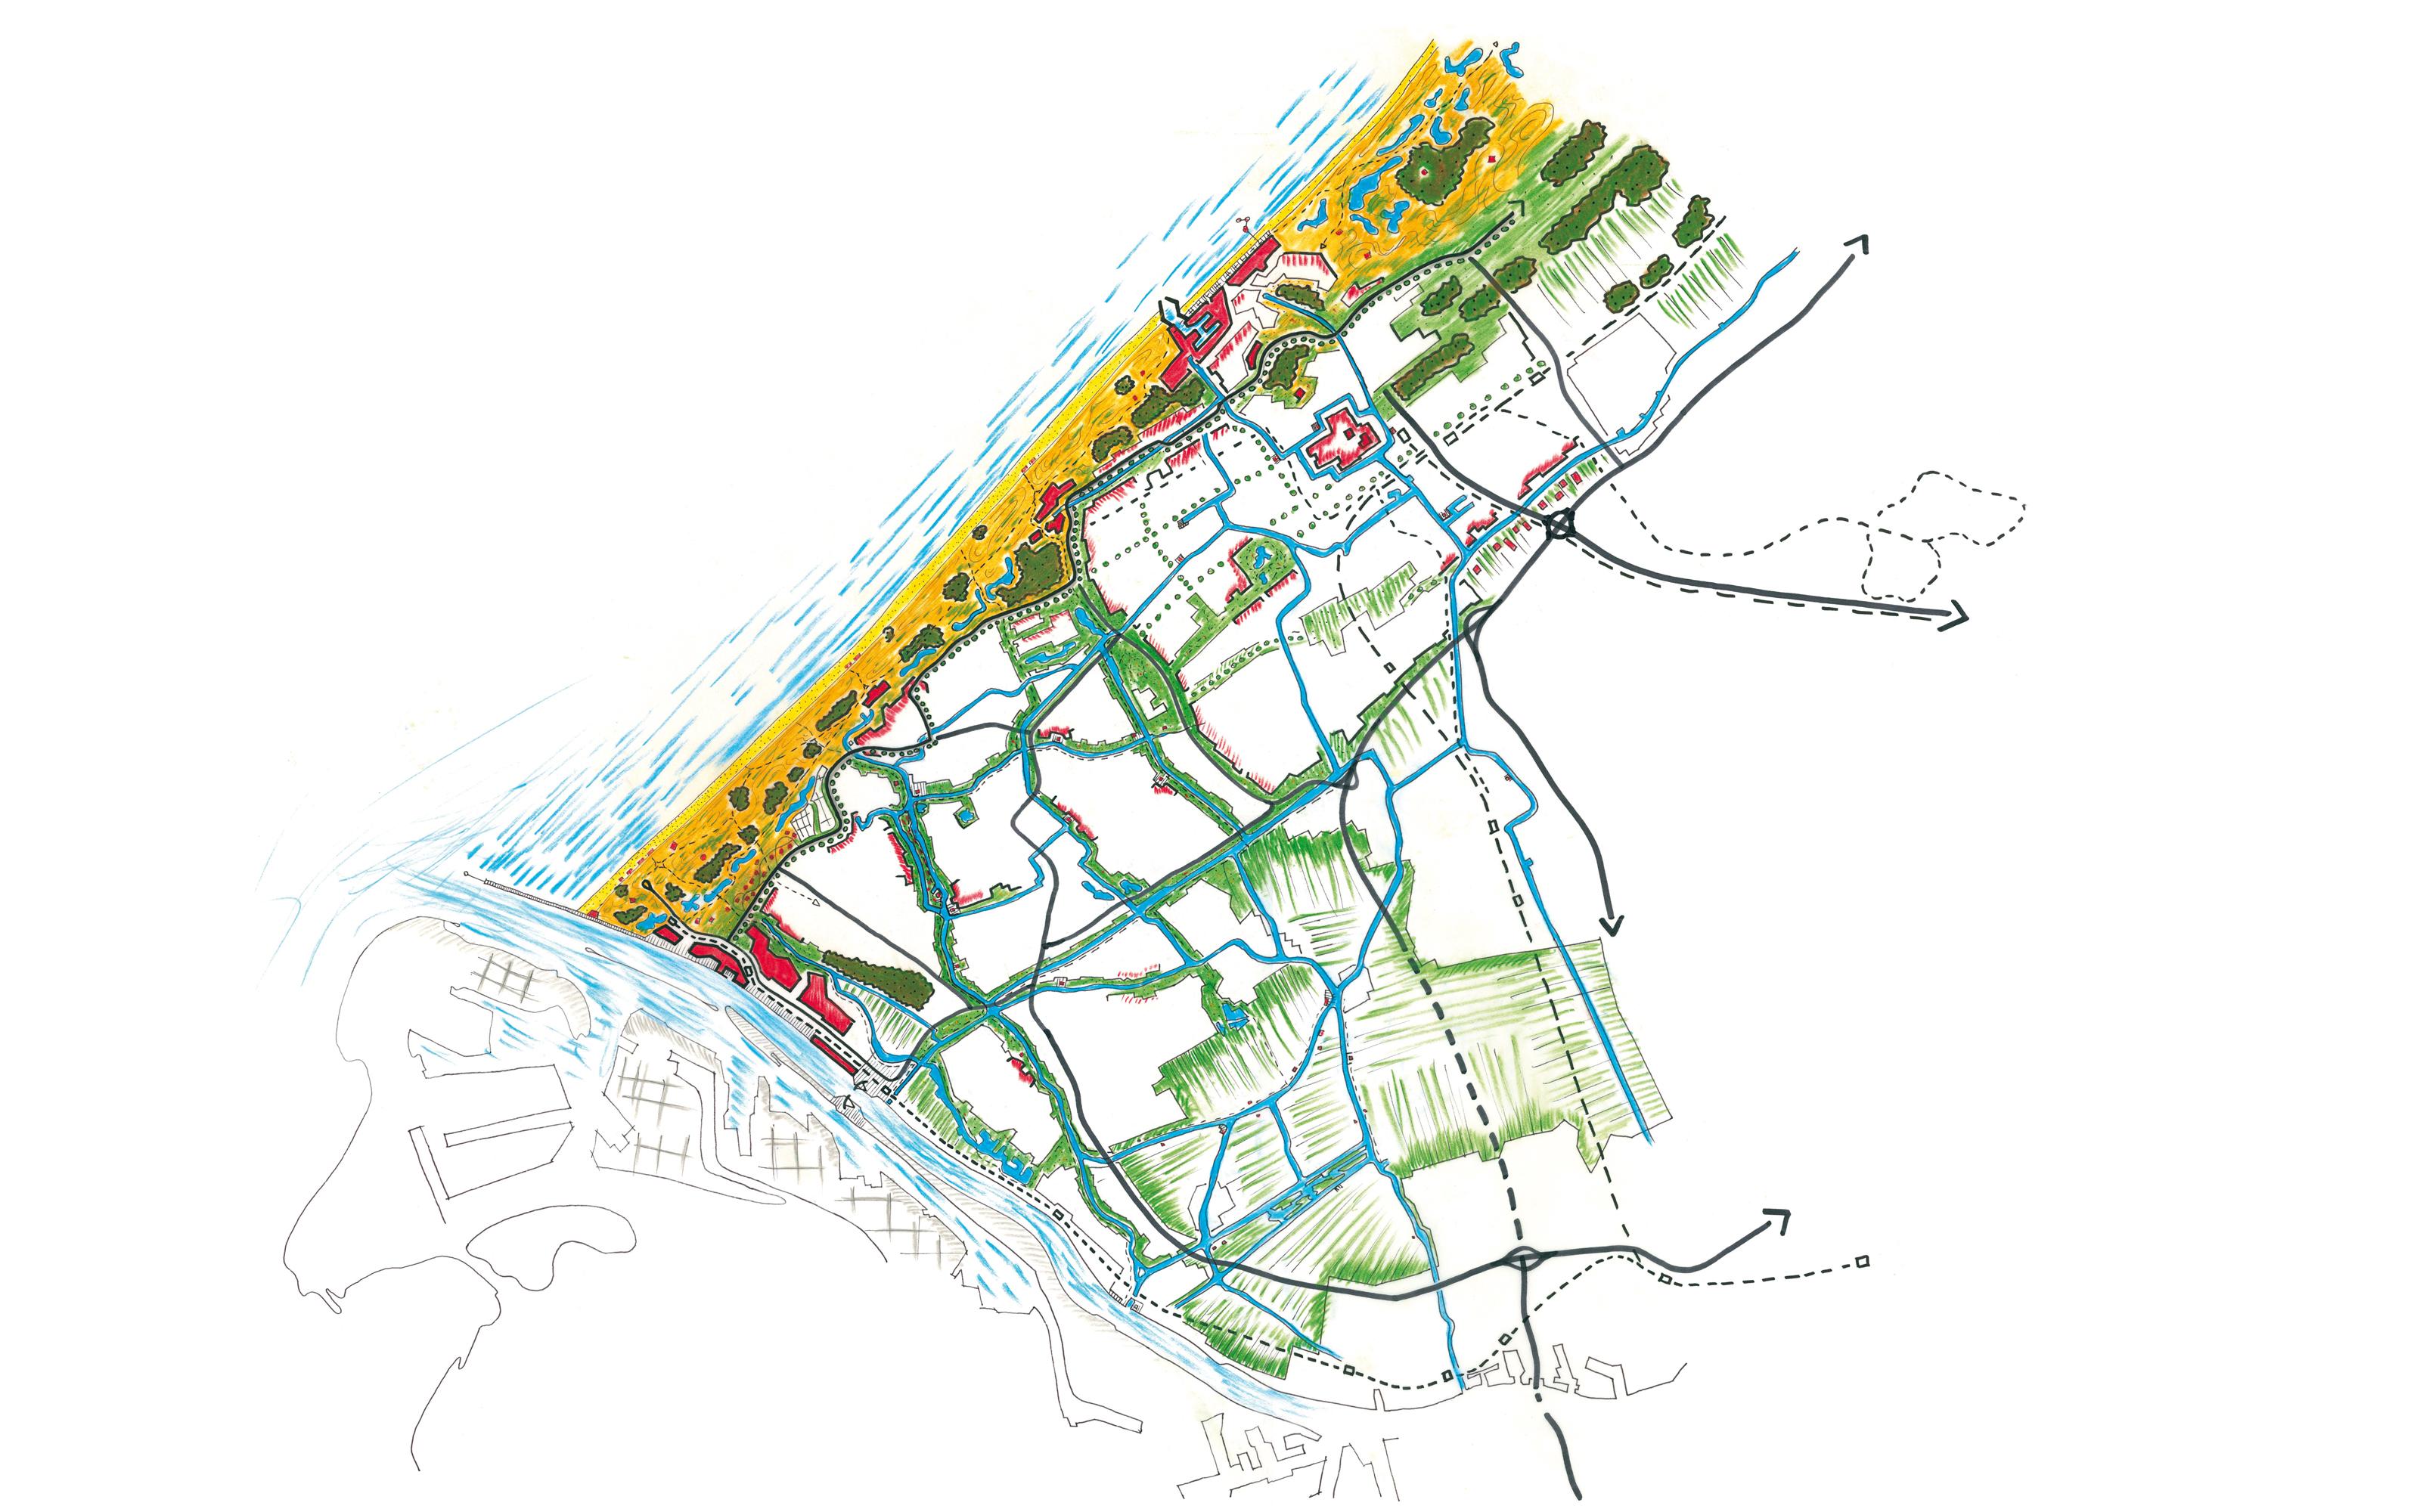 Delflandse Kust - kaart van mogelijk ruimtelijk beeld 2050. Voor het project Vaartenland uit 2011.